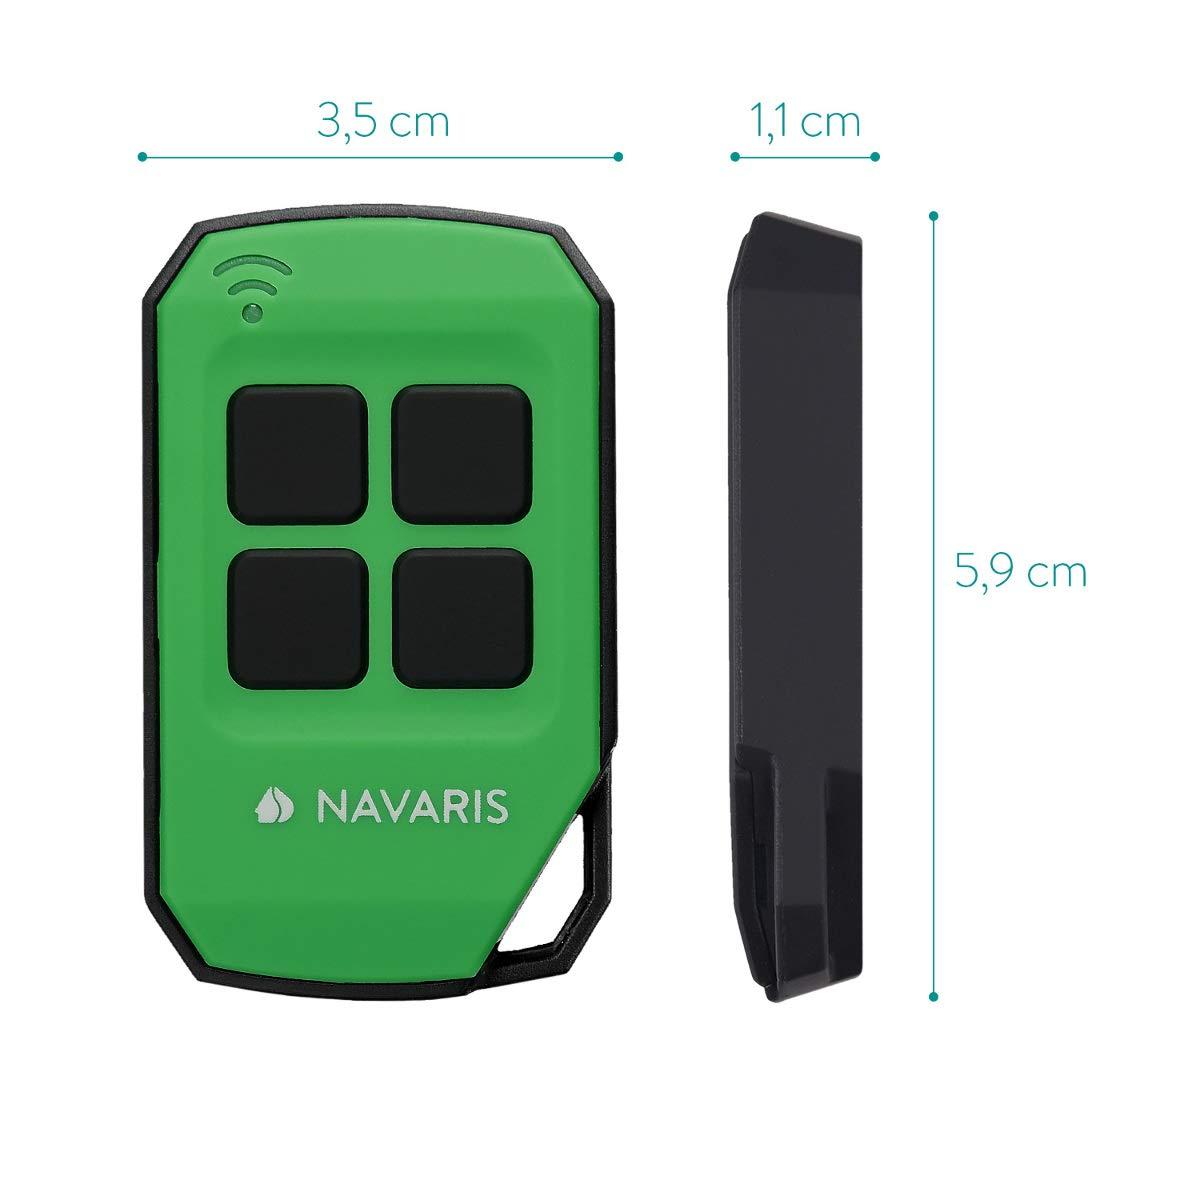 Transmisor en azul Duplicador de c/ódigos universal Mando a distancia inal/ámbrico para puerta de garaje Navaris control remoto de 433 MHz